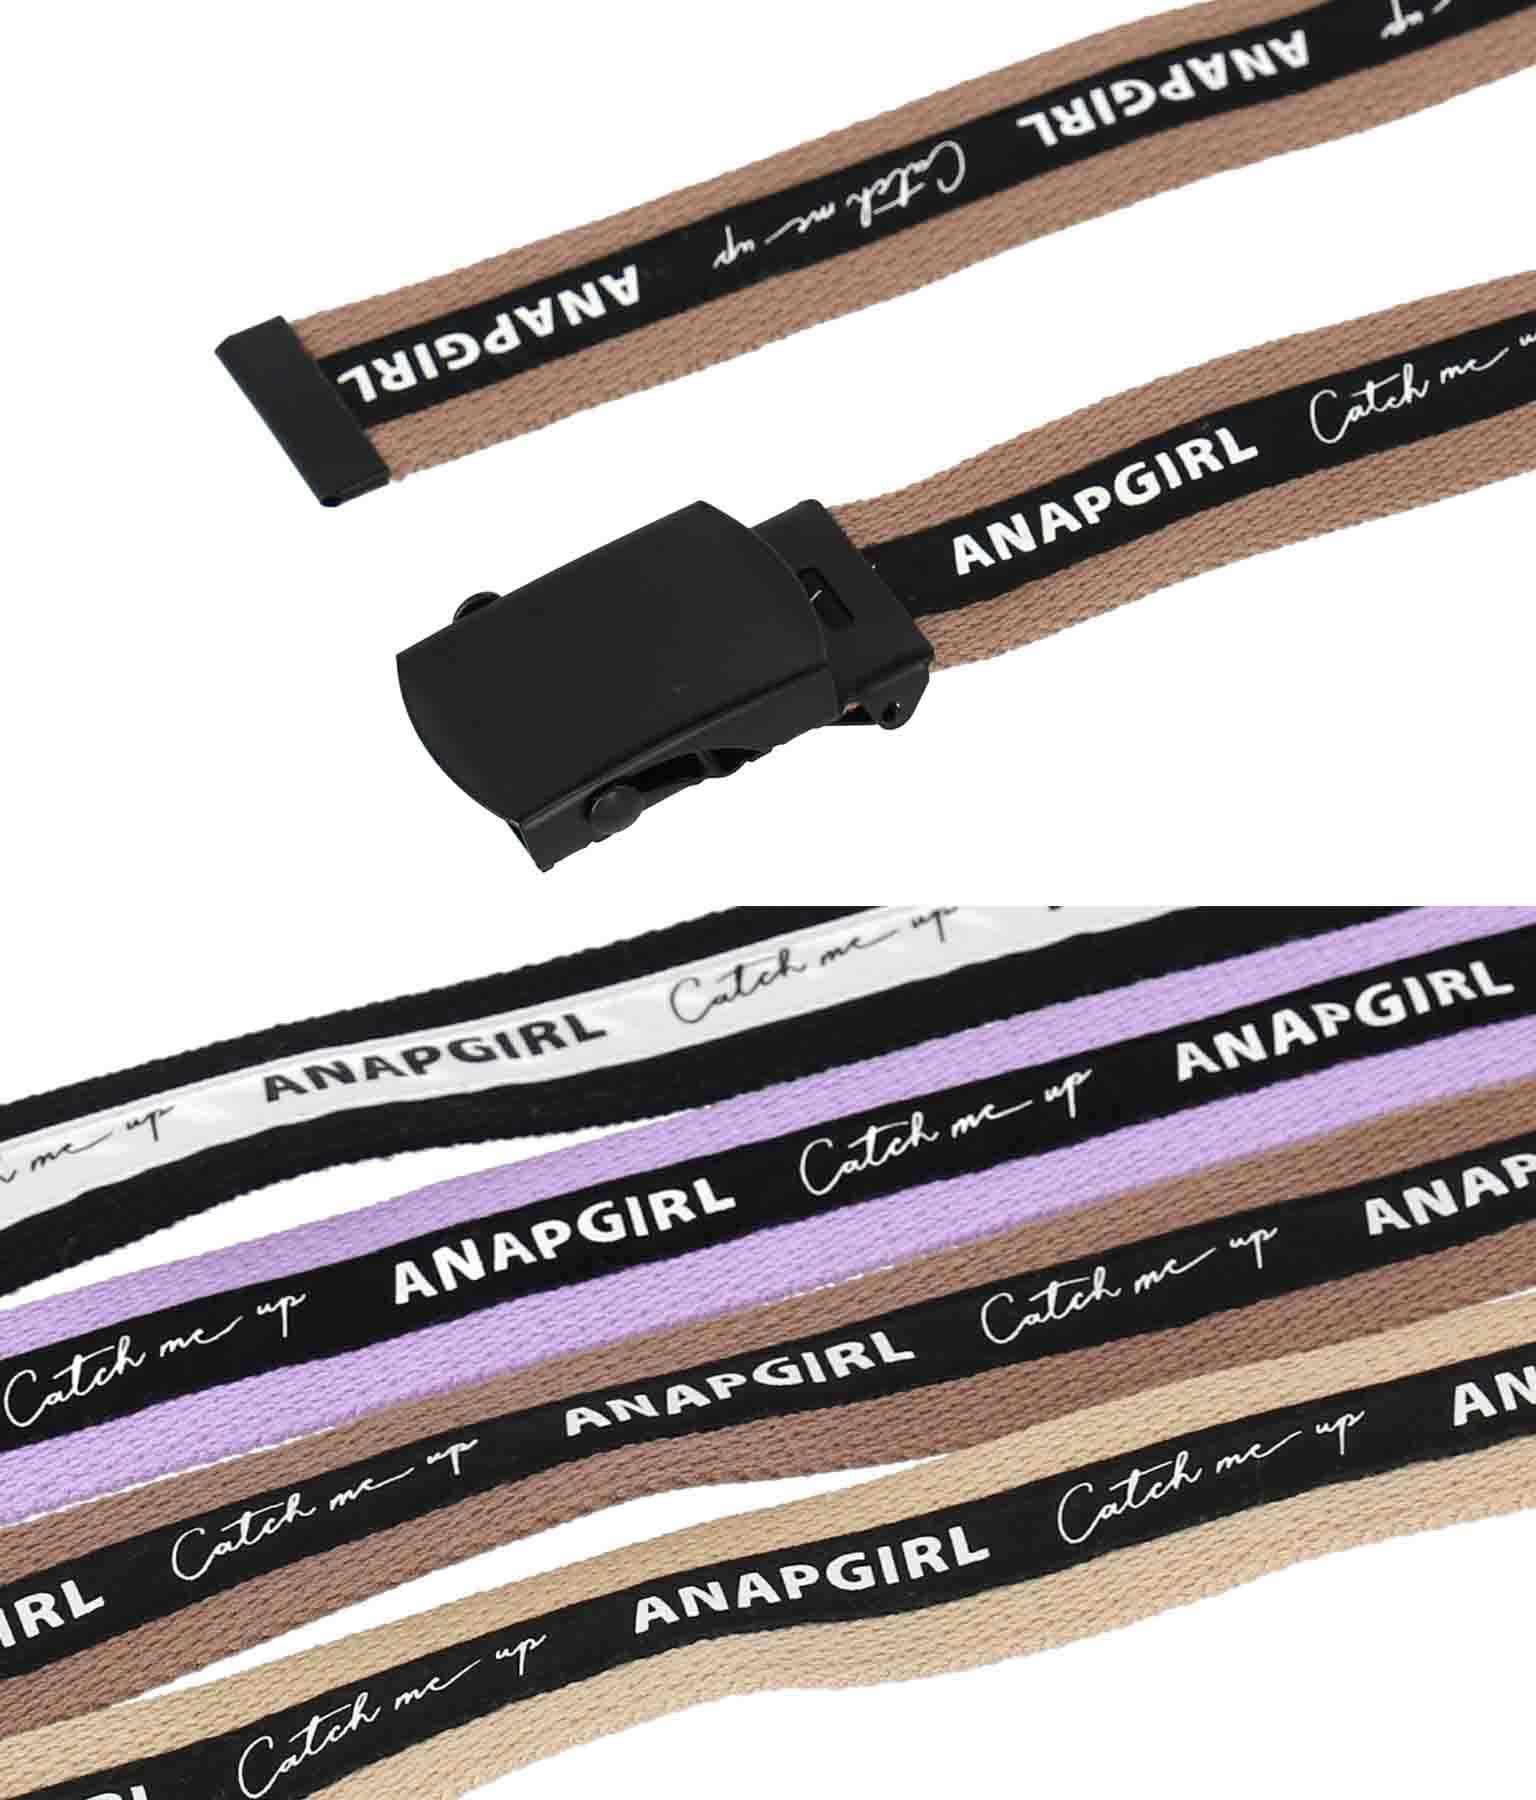 テープ付ガチャベルト(ファッション雑貨/ベルト) | ANAP GiRL